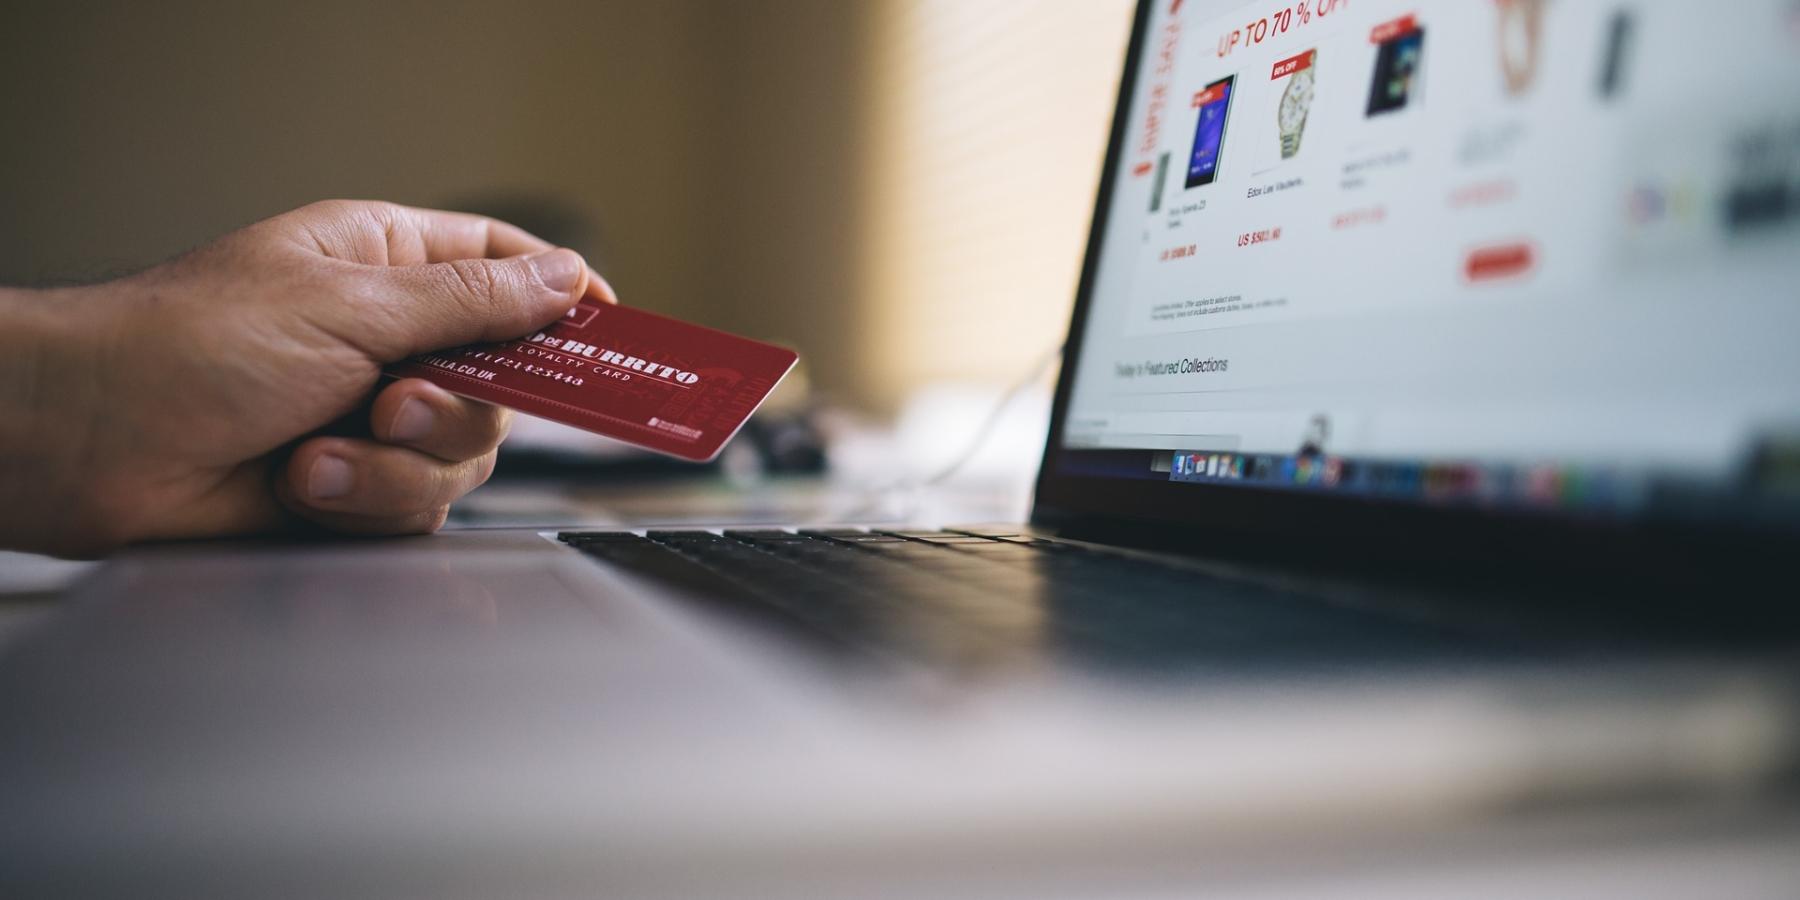 SEO wsklepie internetowym. Jak najefektywniej generować zyski zbezpłatnego ruchu?